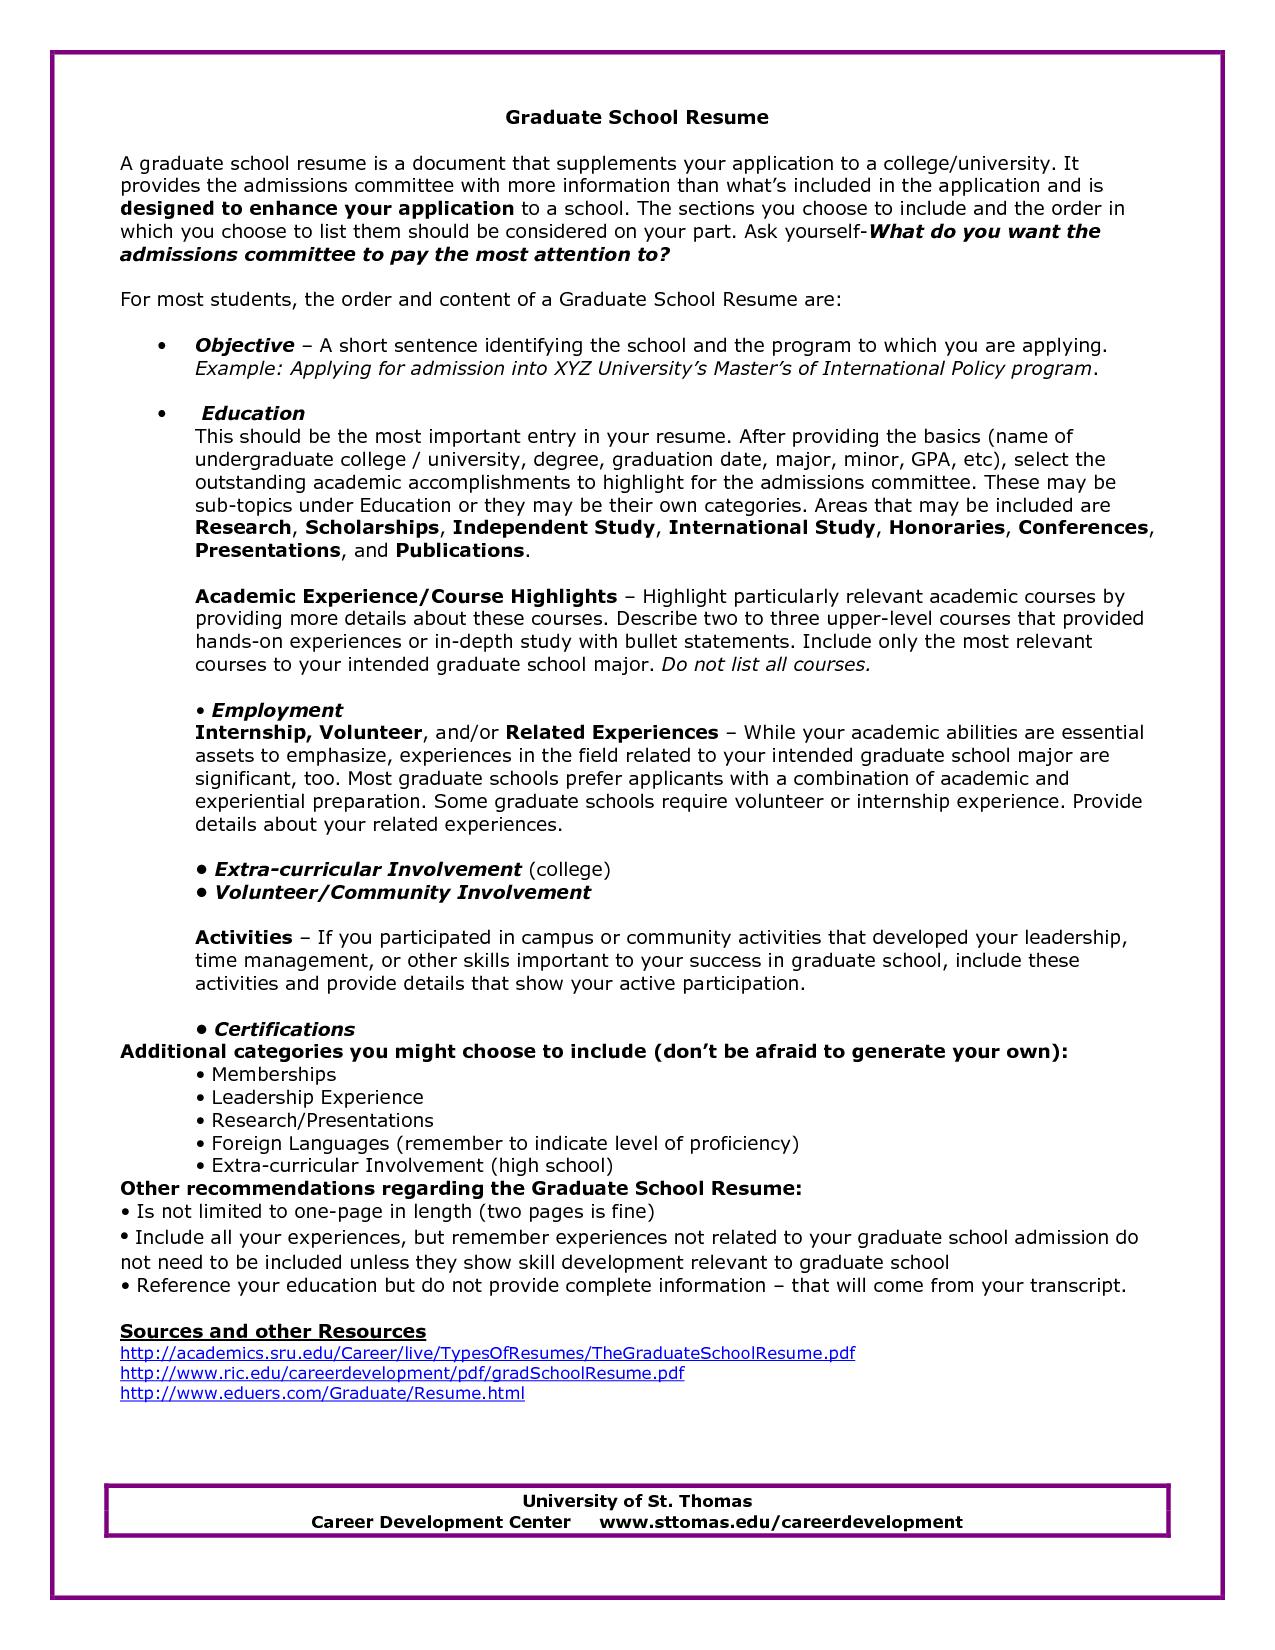 Sample Resume Undergraduate Education